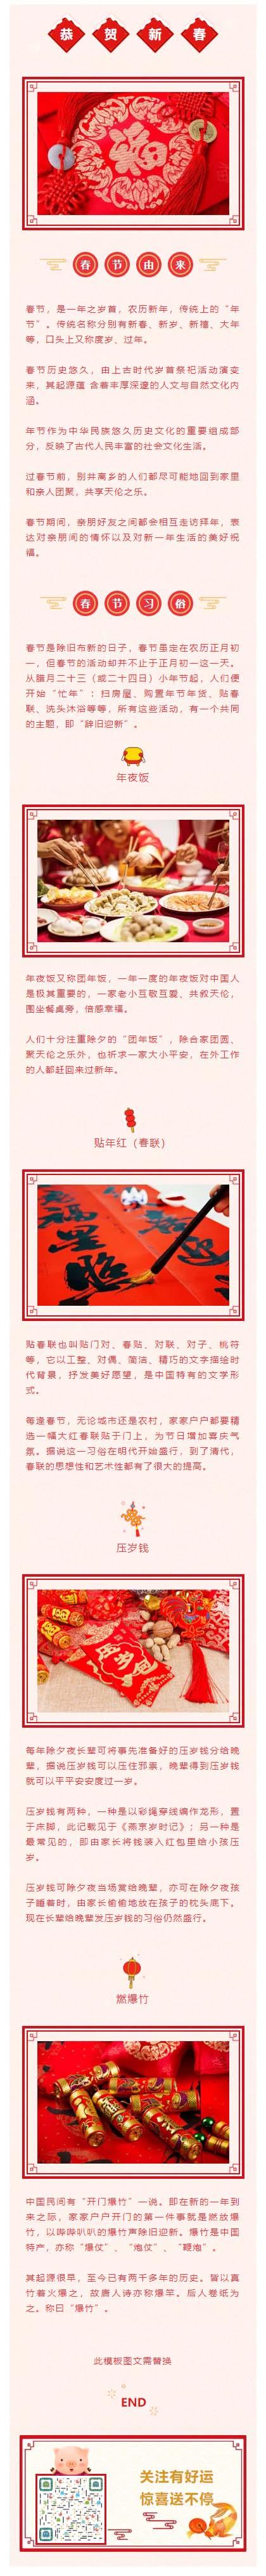 """春节农历新年传统上的""""年节""""红色节日模板"""